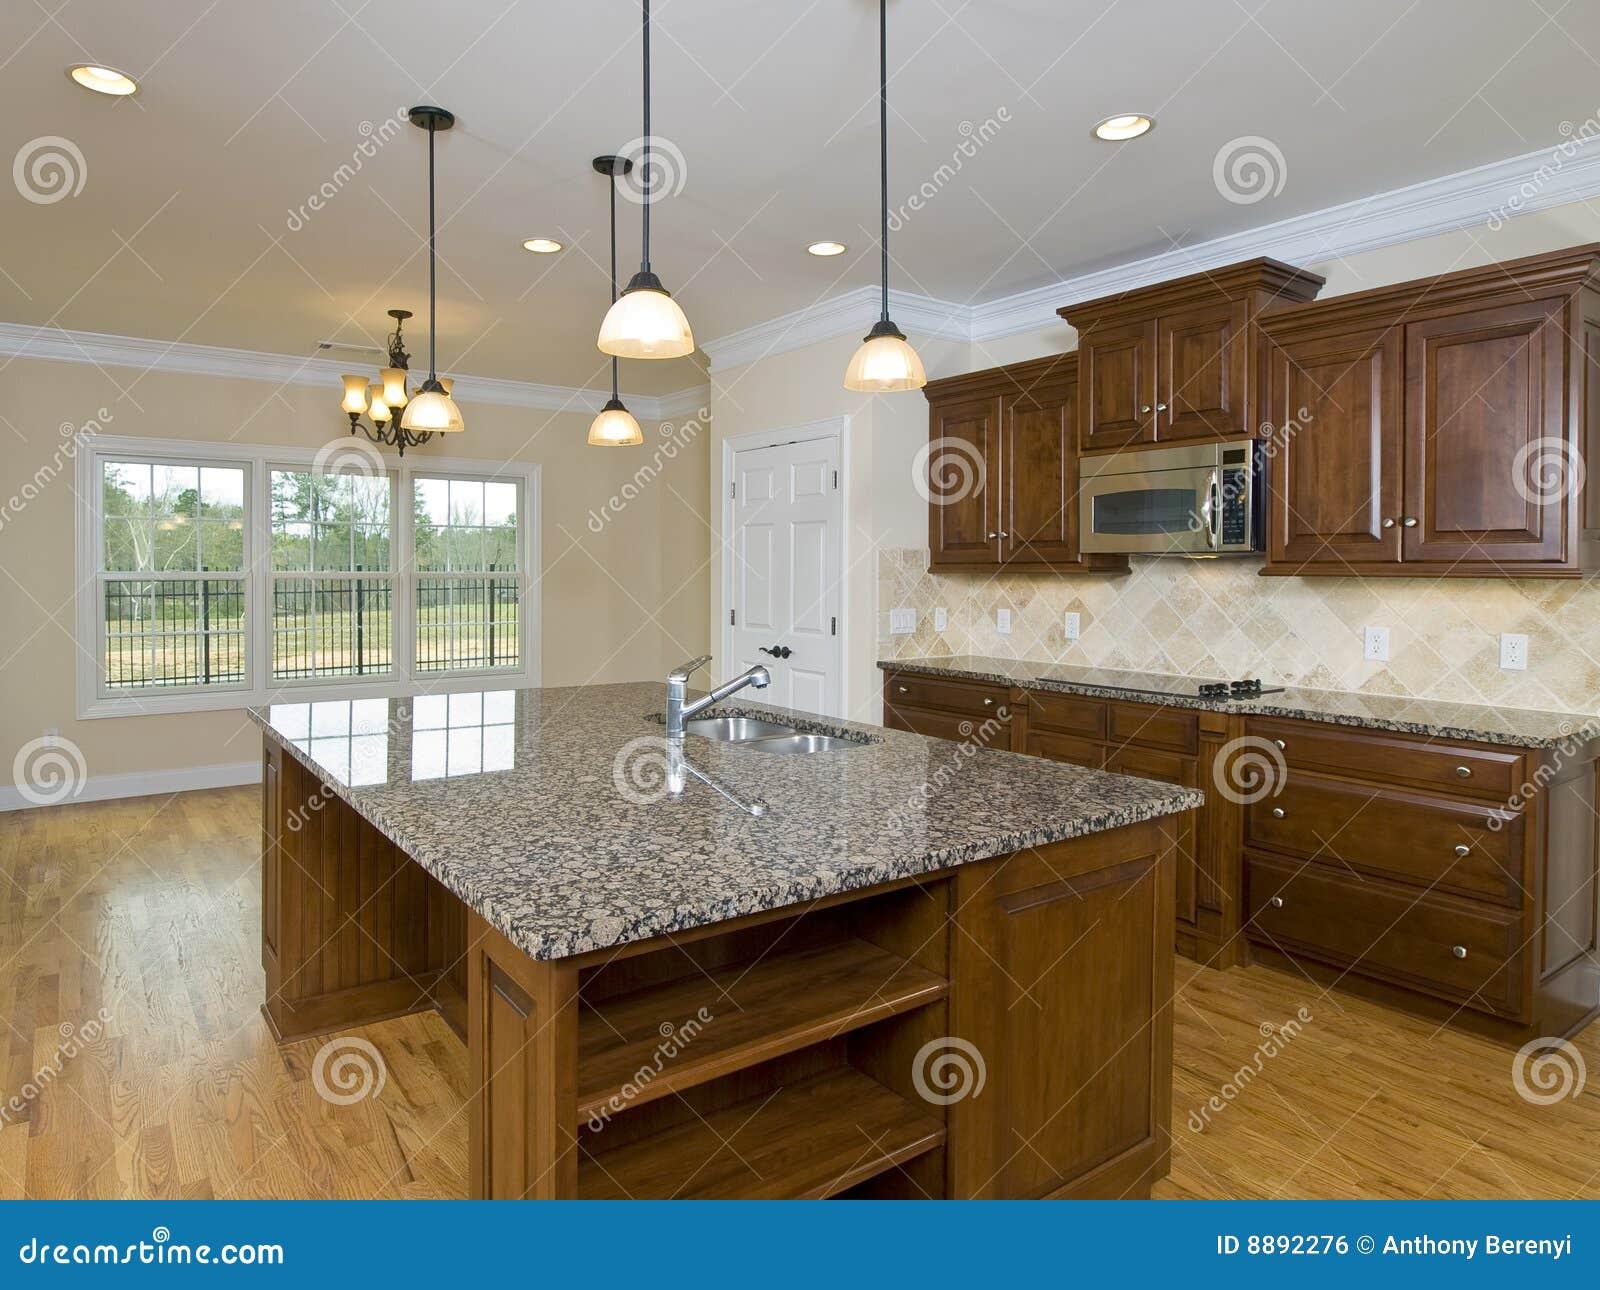 Luces colgantes e isla de la cocina casera de lujo imagen - Luces para cocina ...